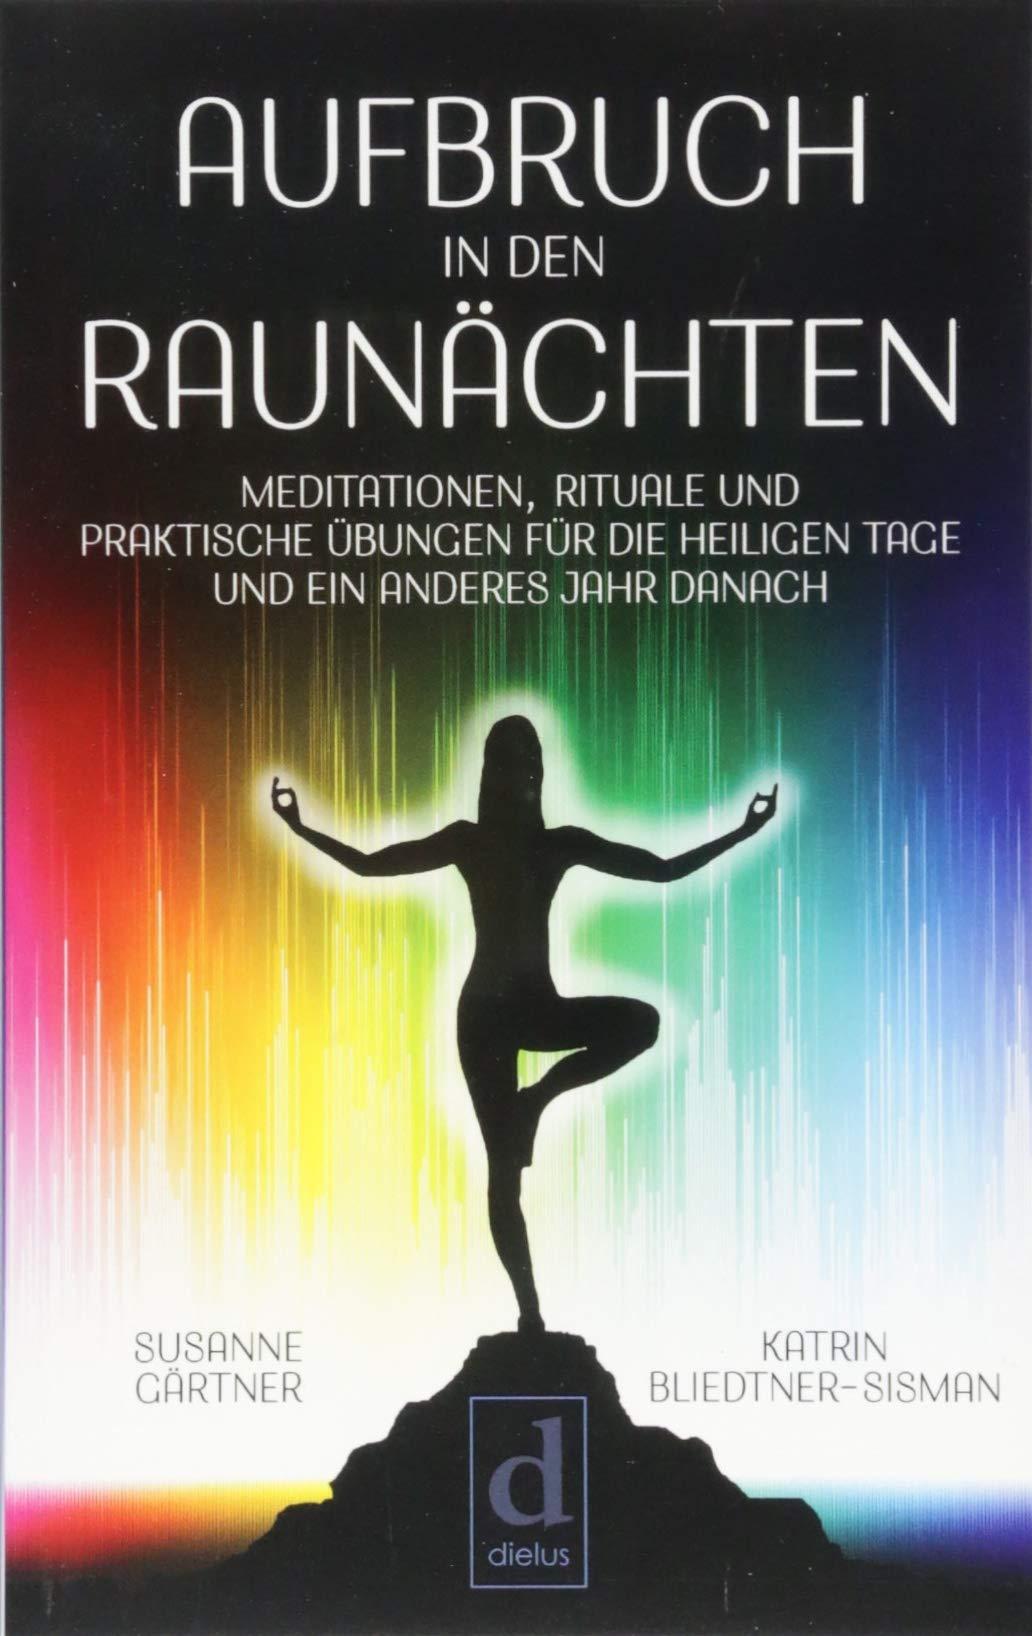 Aufbruch In Den Raunächten  Meditationen Rituale Und Praktische Übungen Für Die Heiligen Tage Und Ein Anderes Jahr Danach